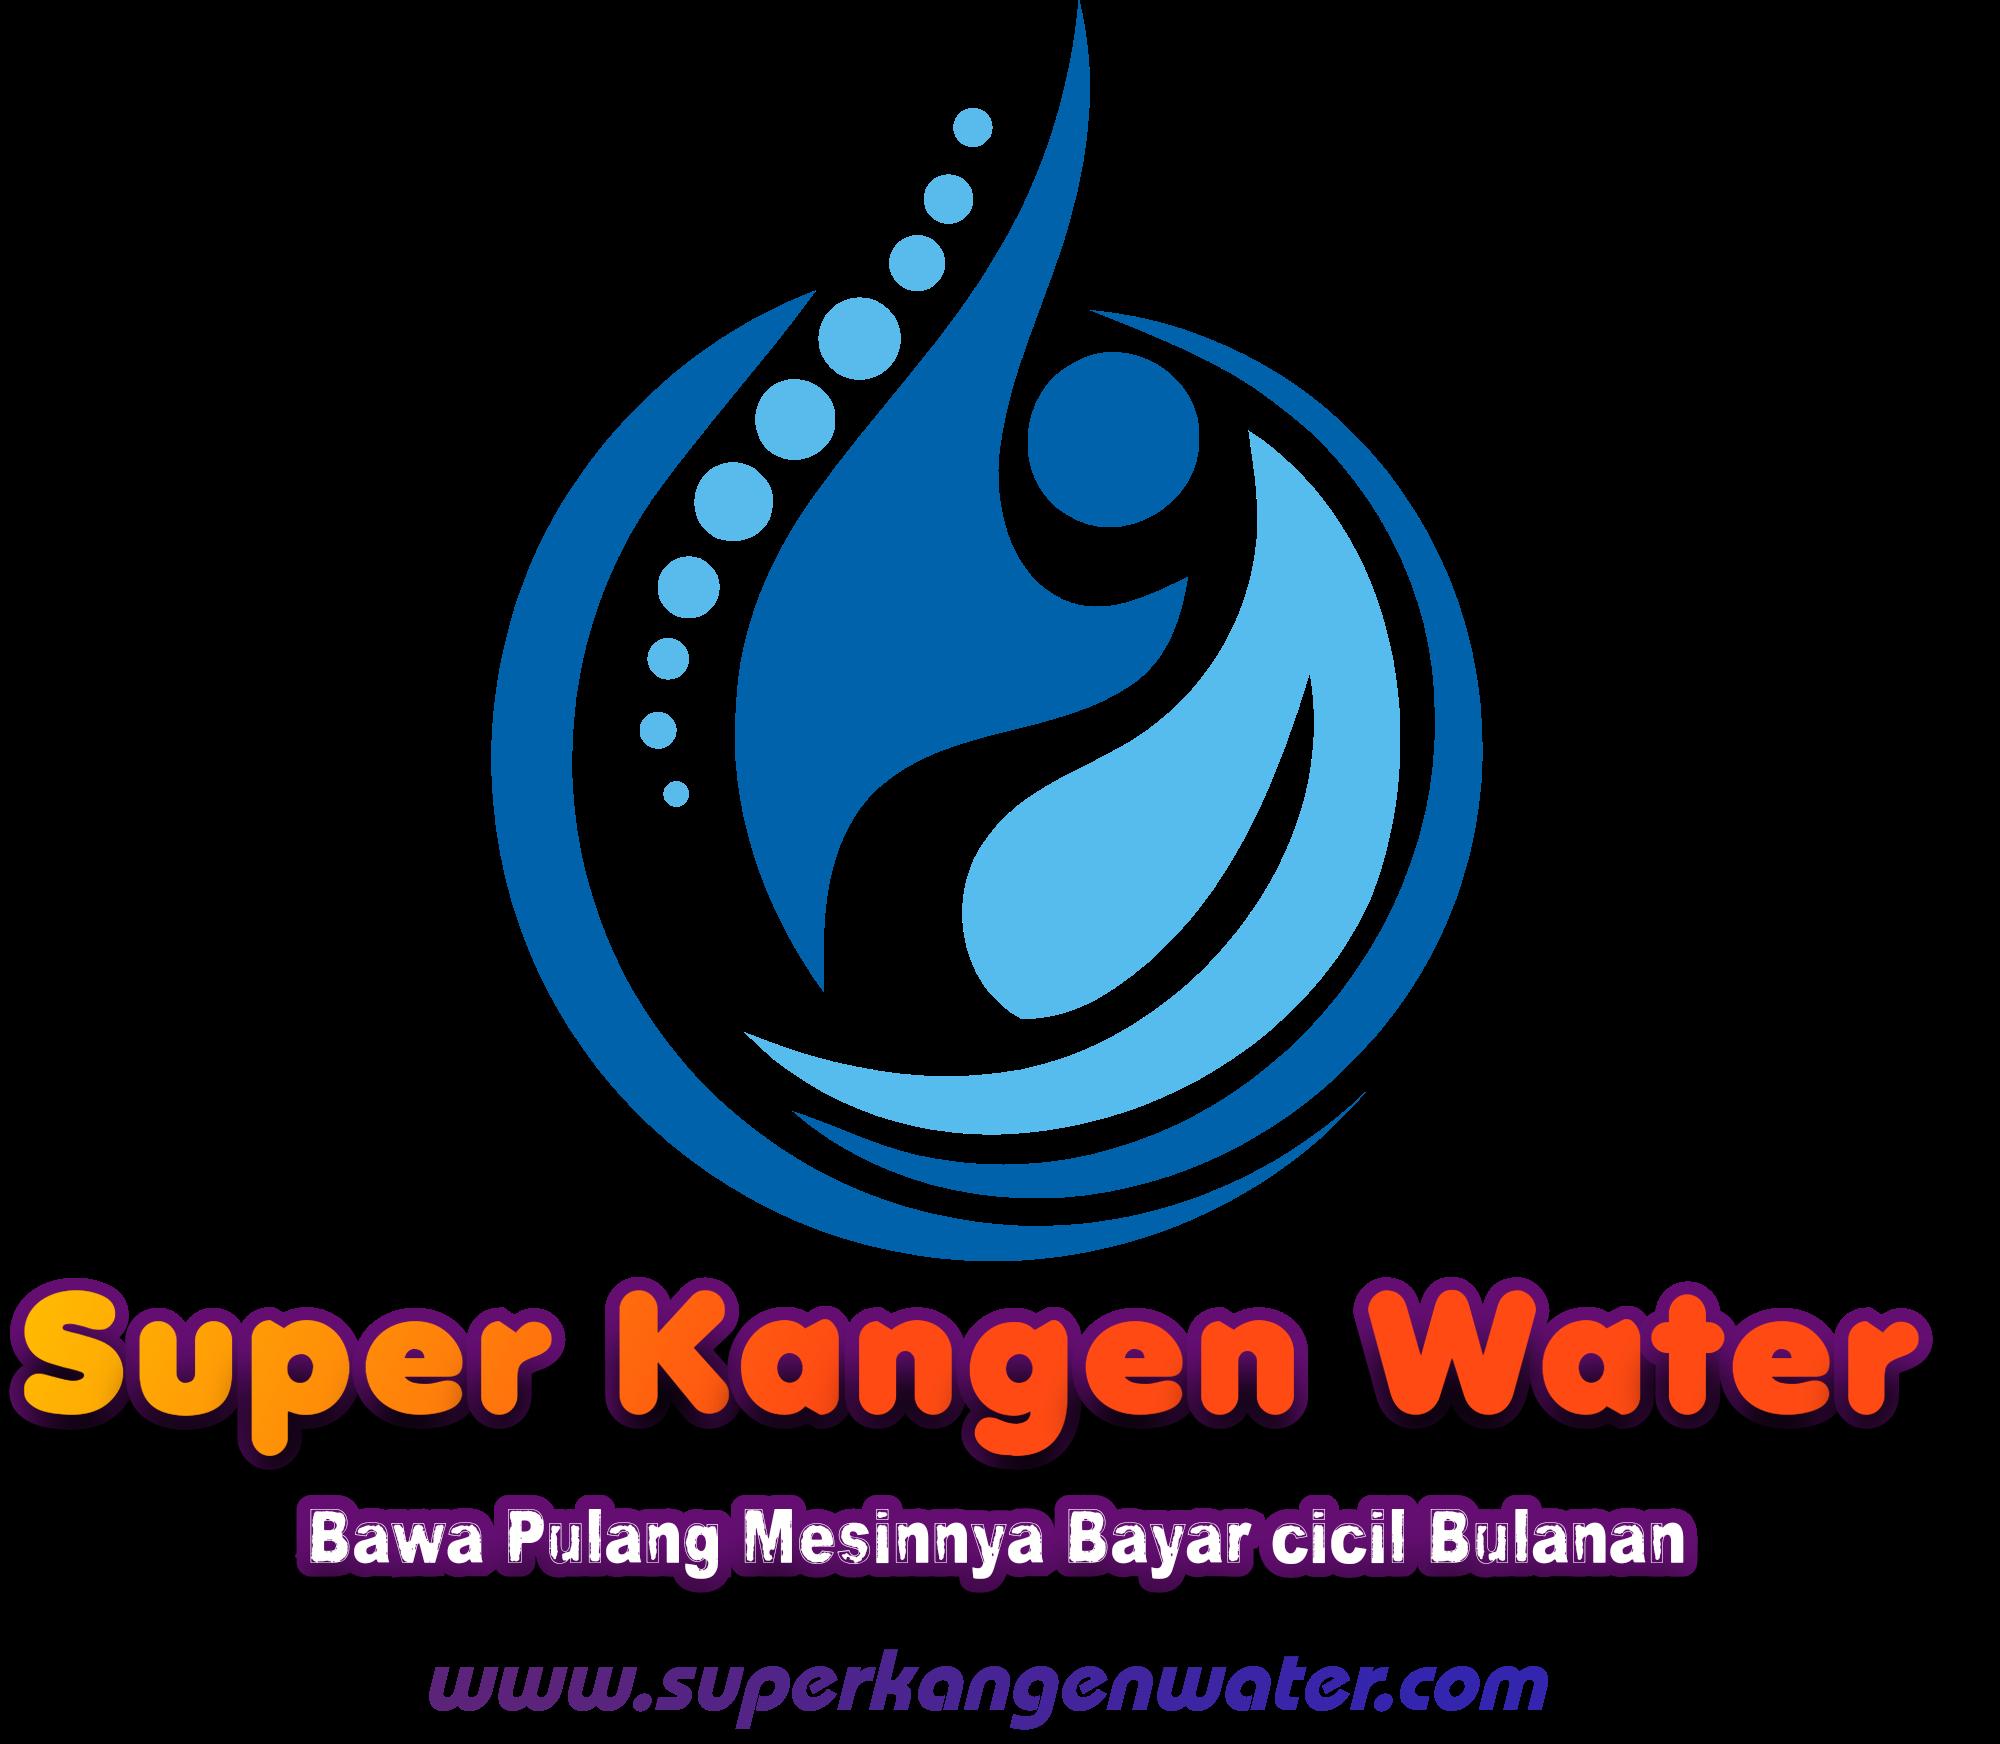 Super Kangen Water